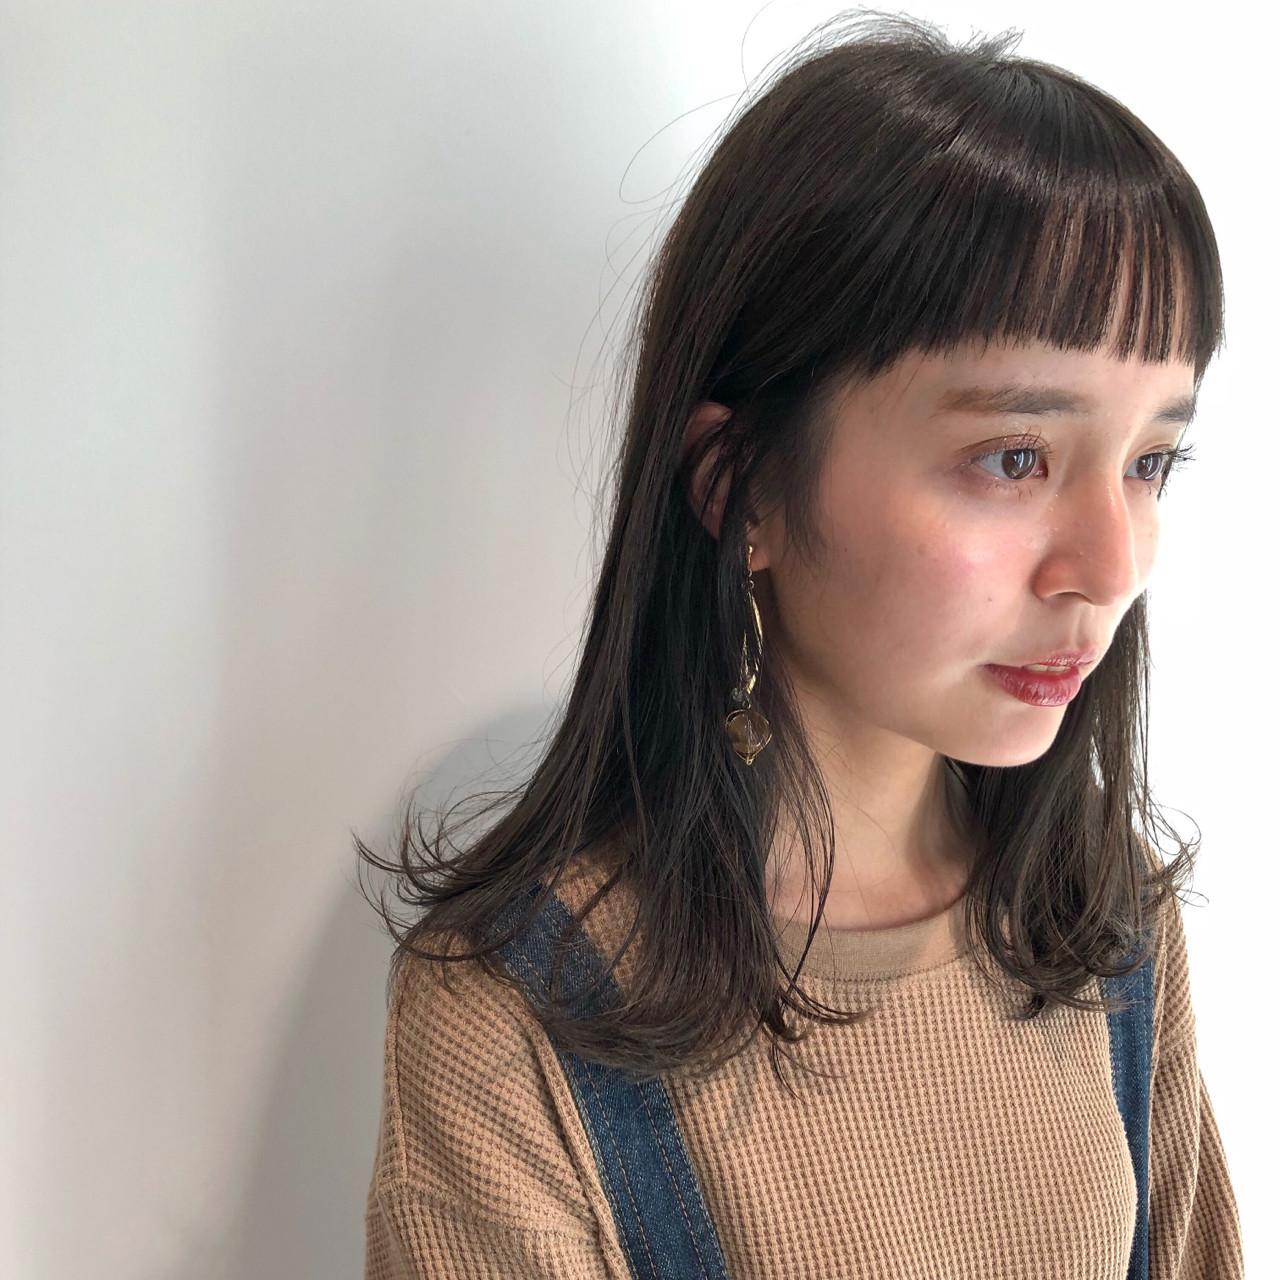 伸ばしかけもOK!オン眉の大人愛されミディアムヘア♡ 磯田 基徳